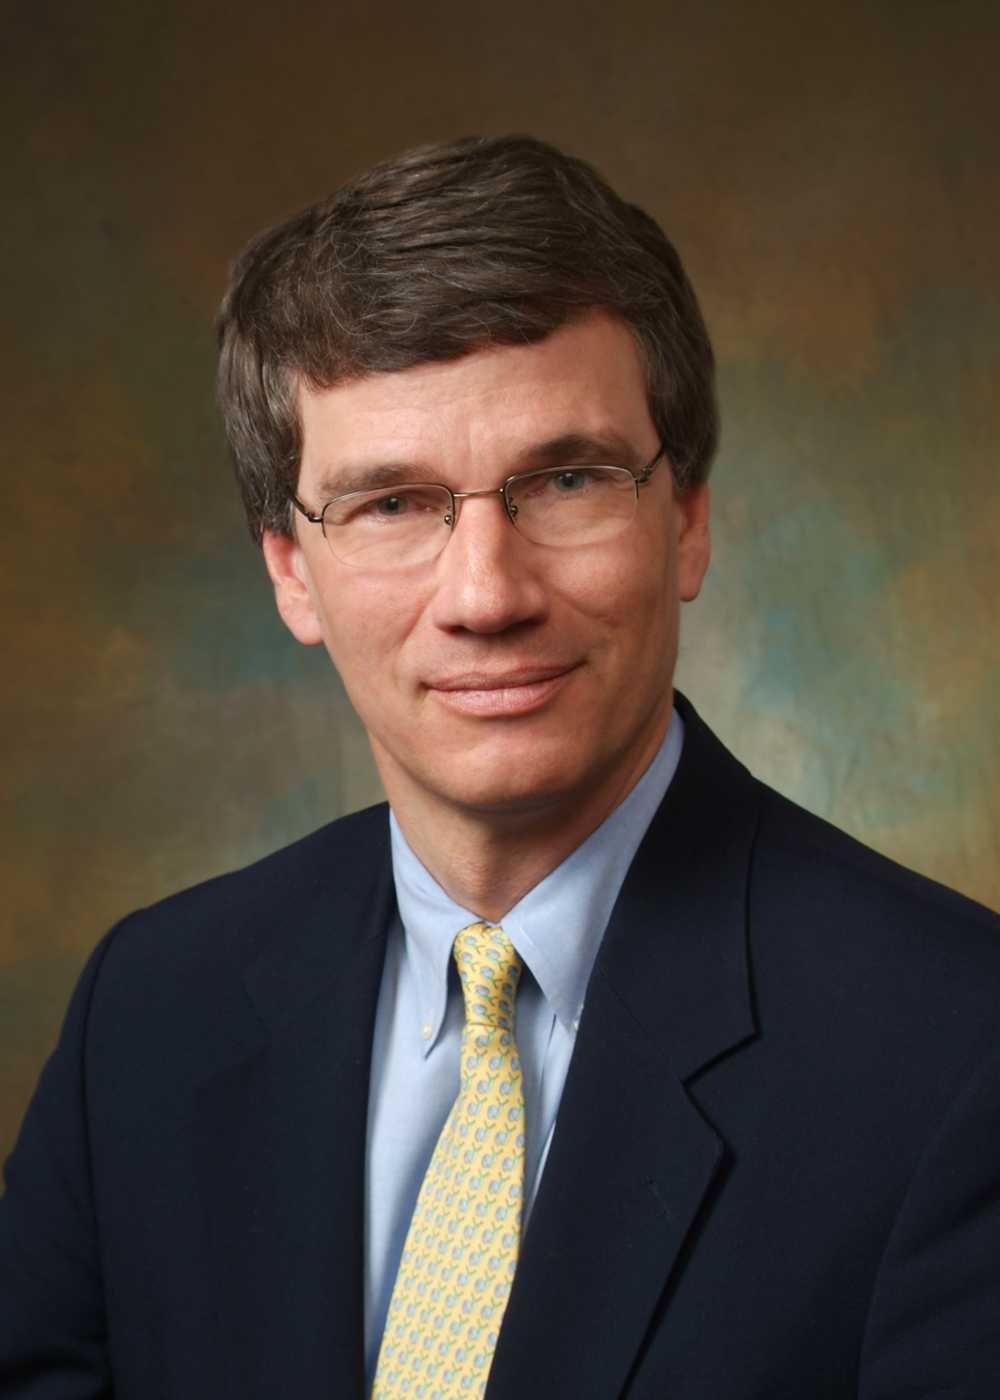 Andrew Beamer, MD